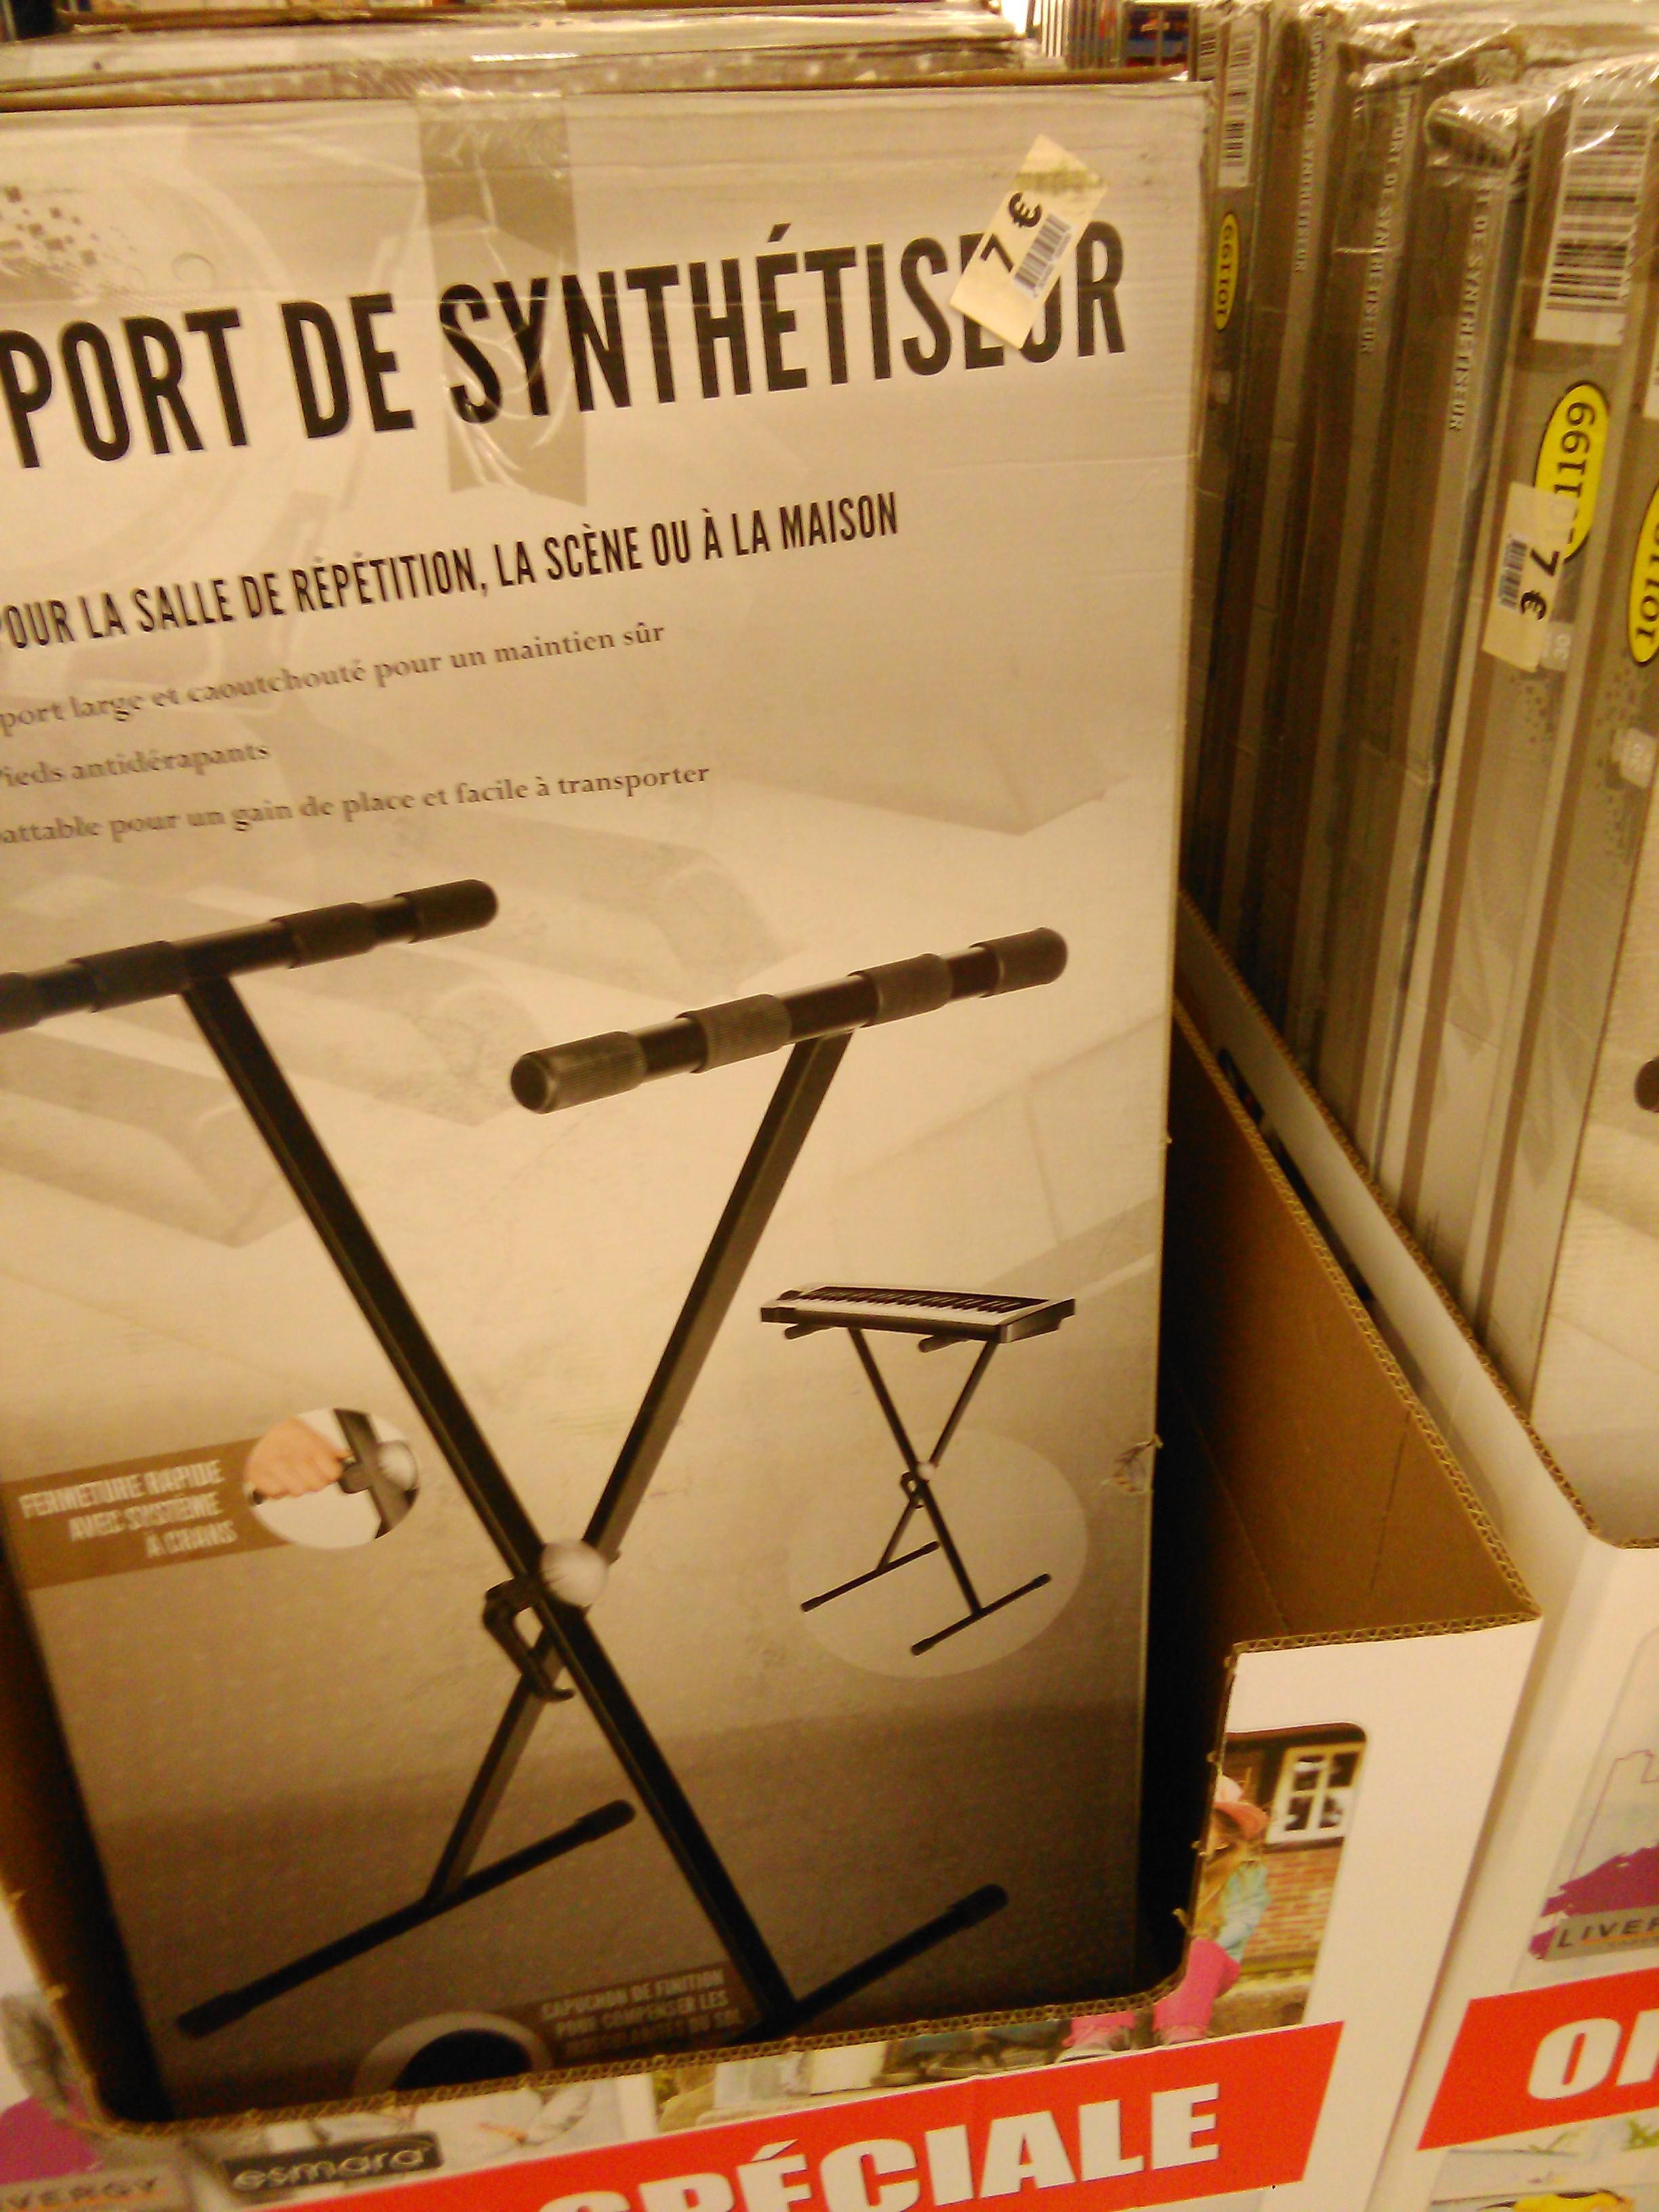 Support de synthétiseur